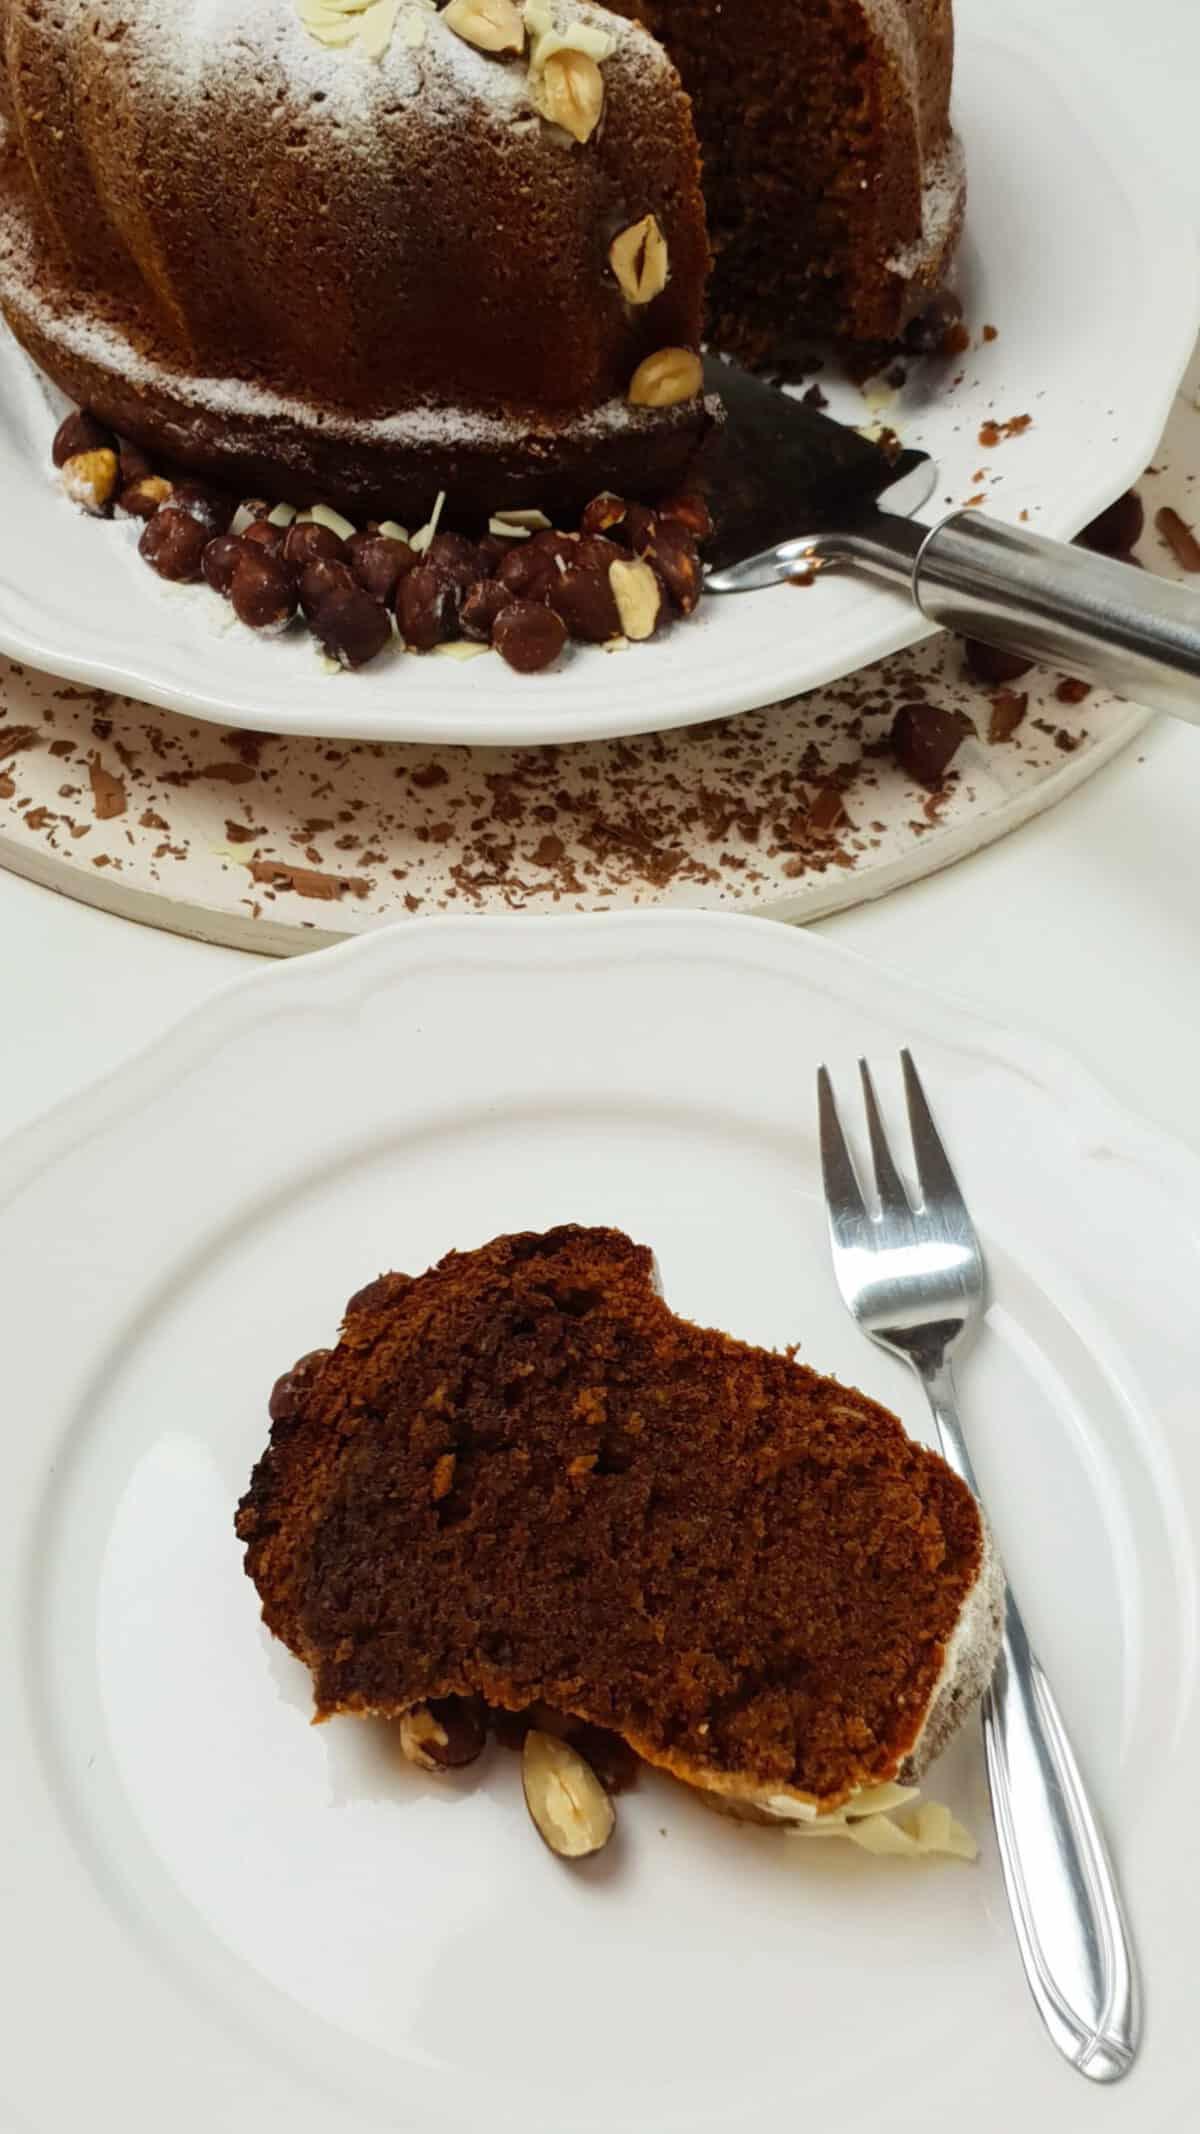 Auf einem weißen Teller ein Schoko Gugelhupf mit Nüssen.